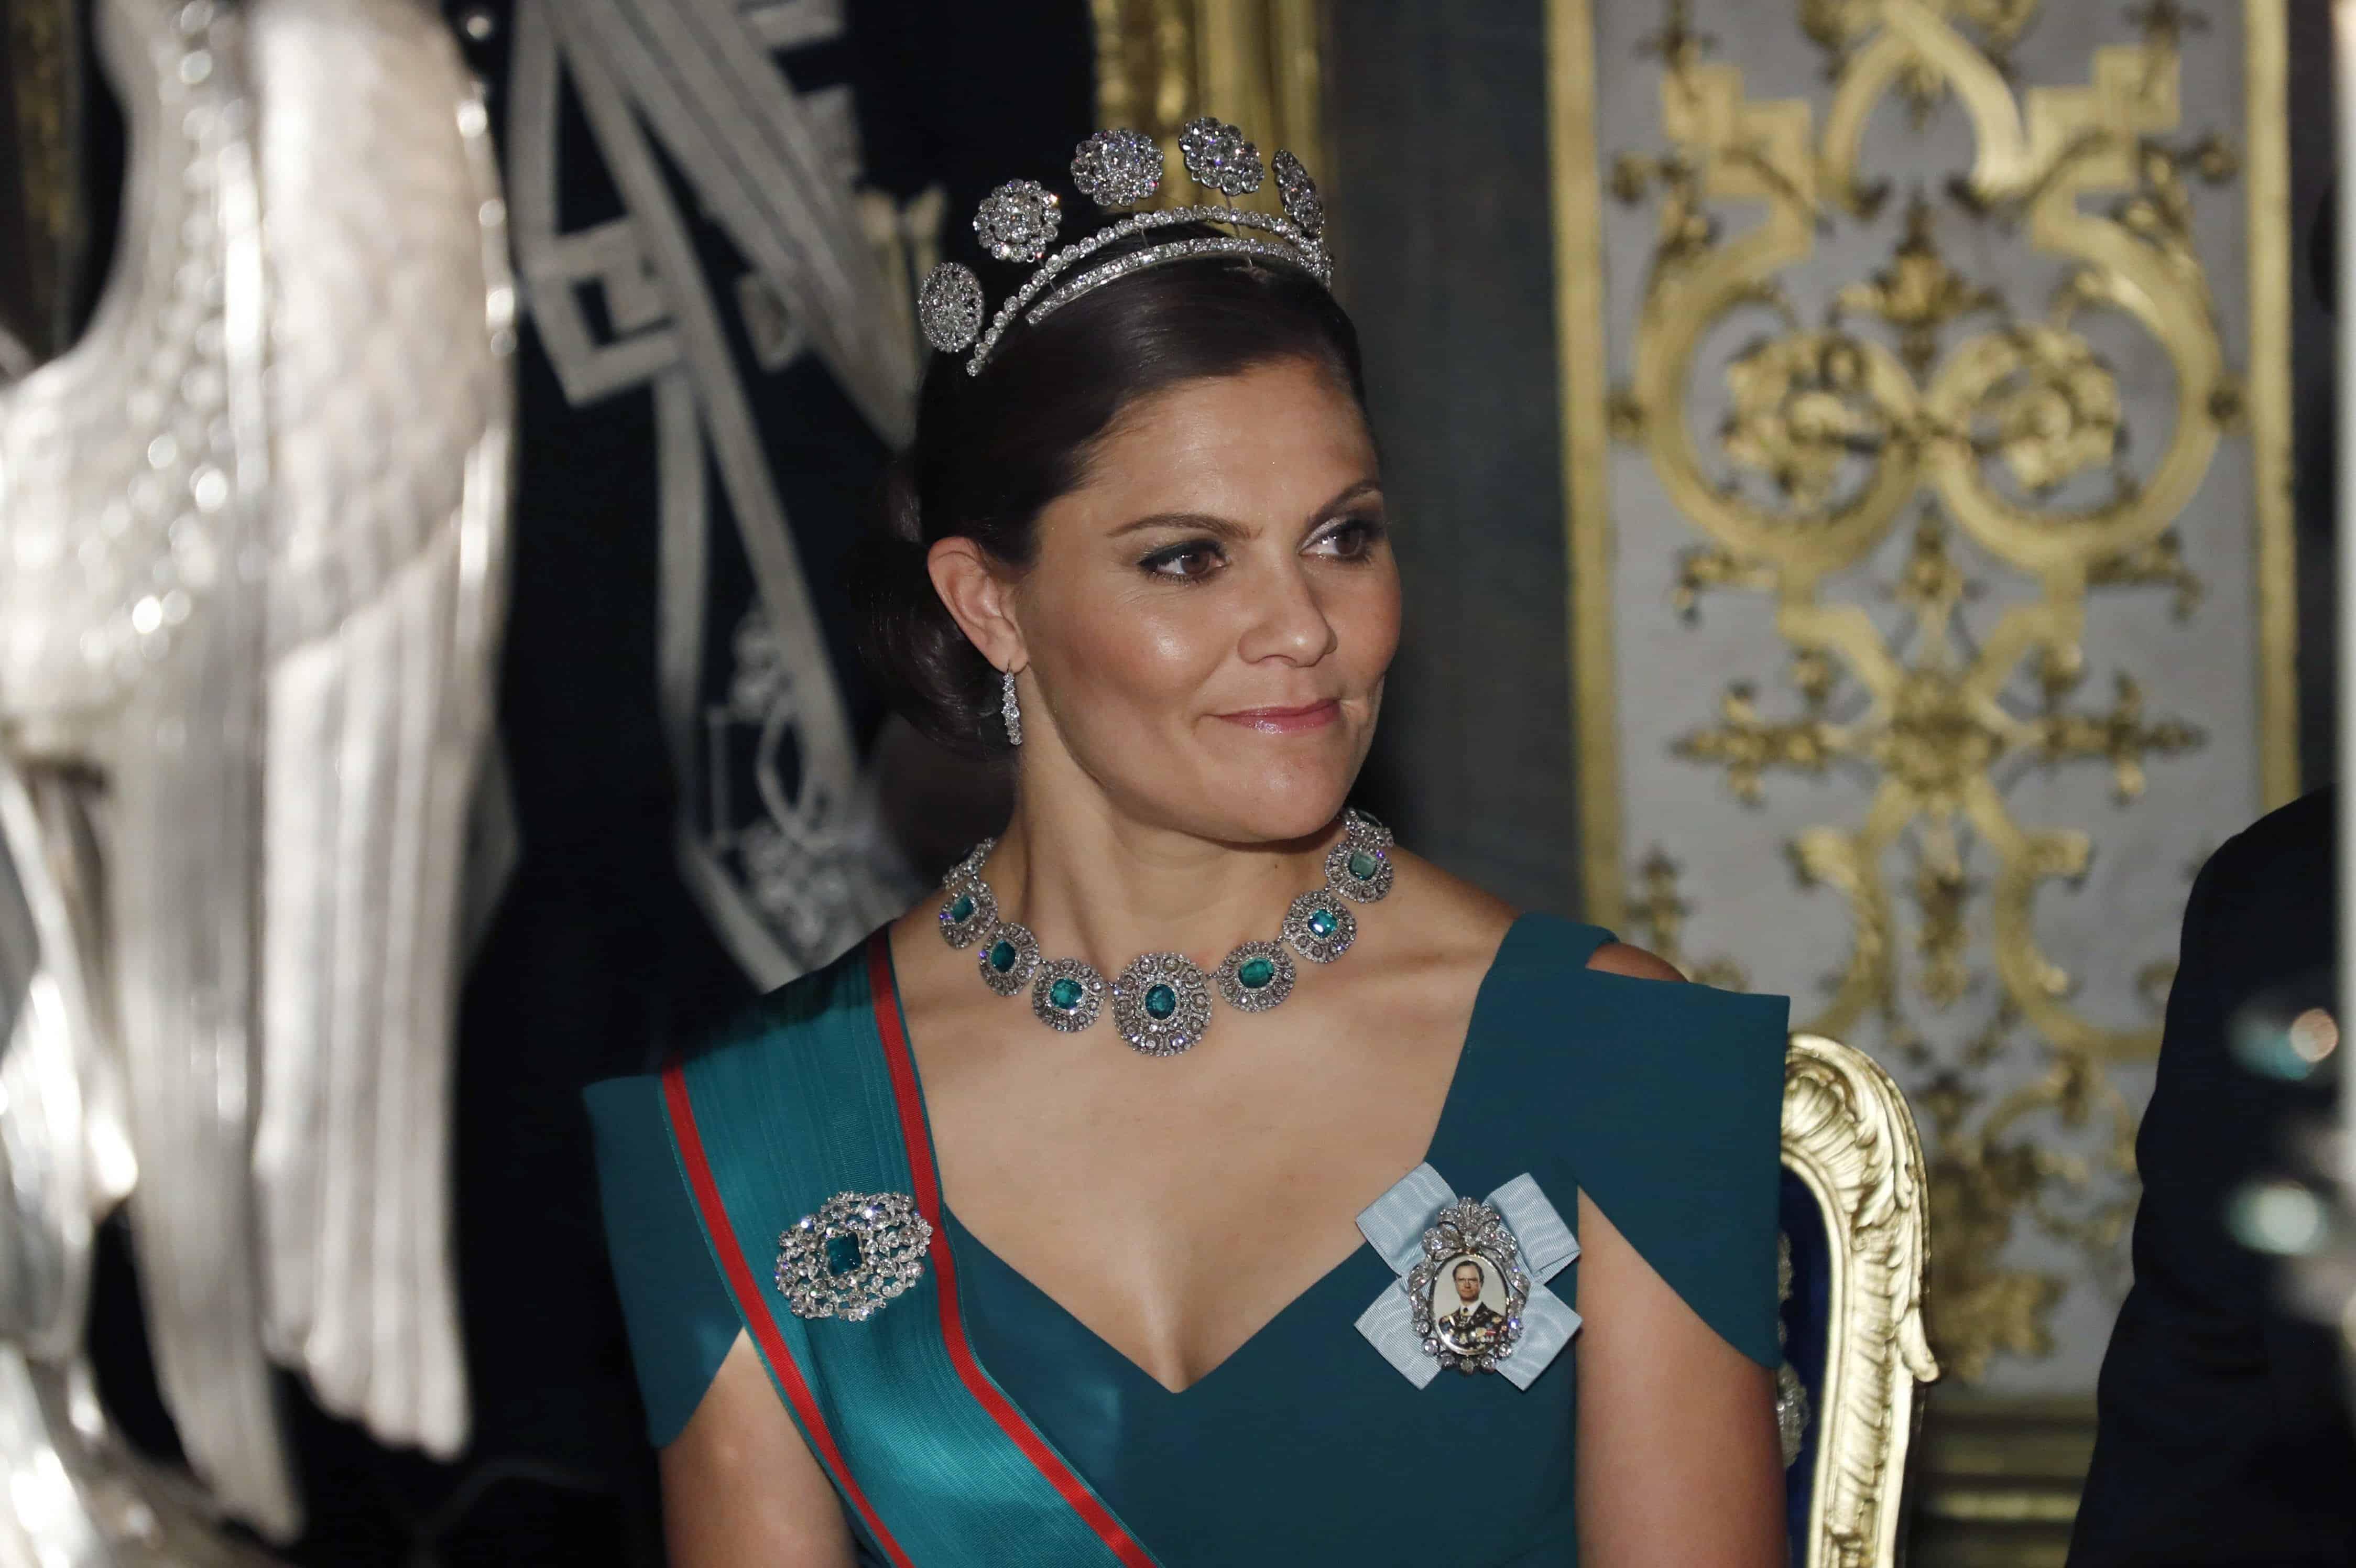 Kronprinzessin Victoria: Sorge um ihre Familie